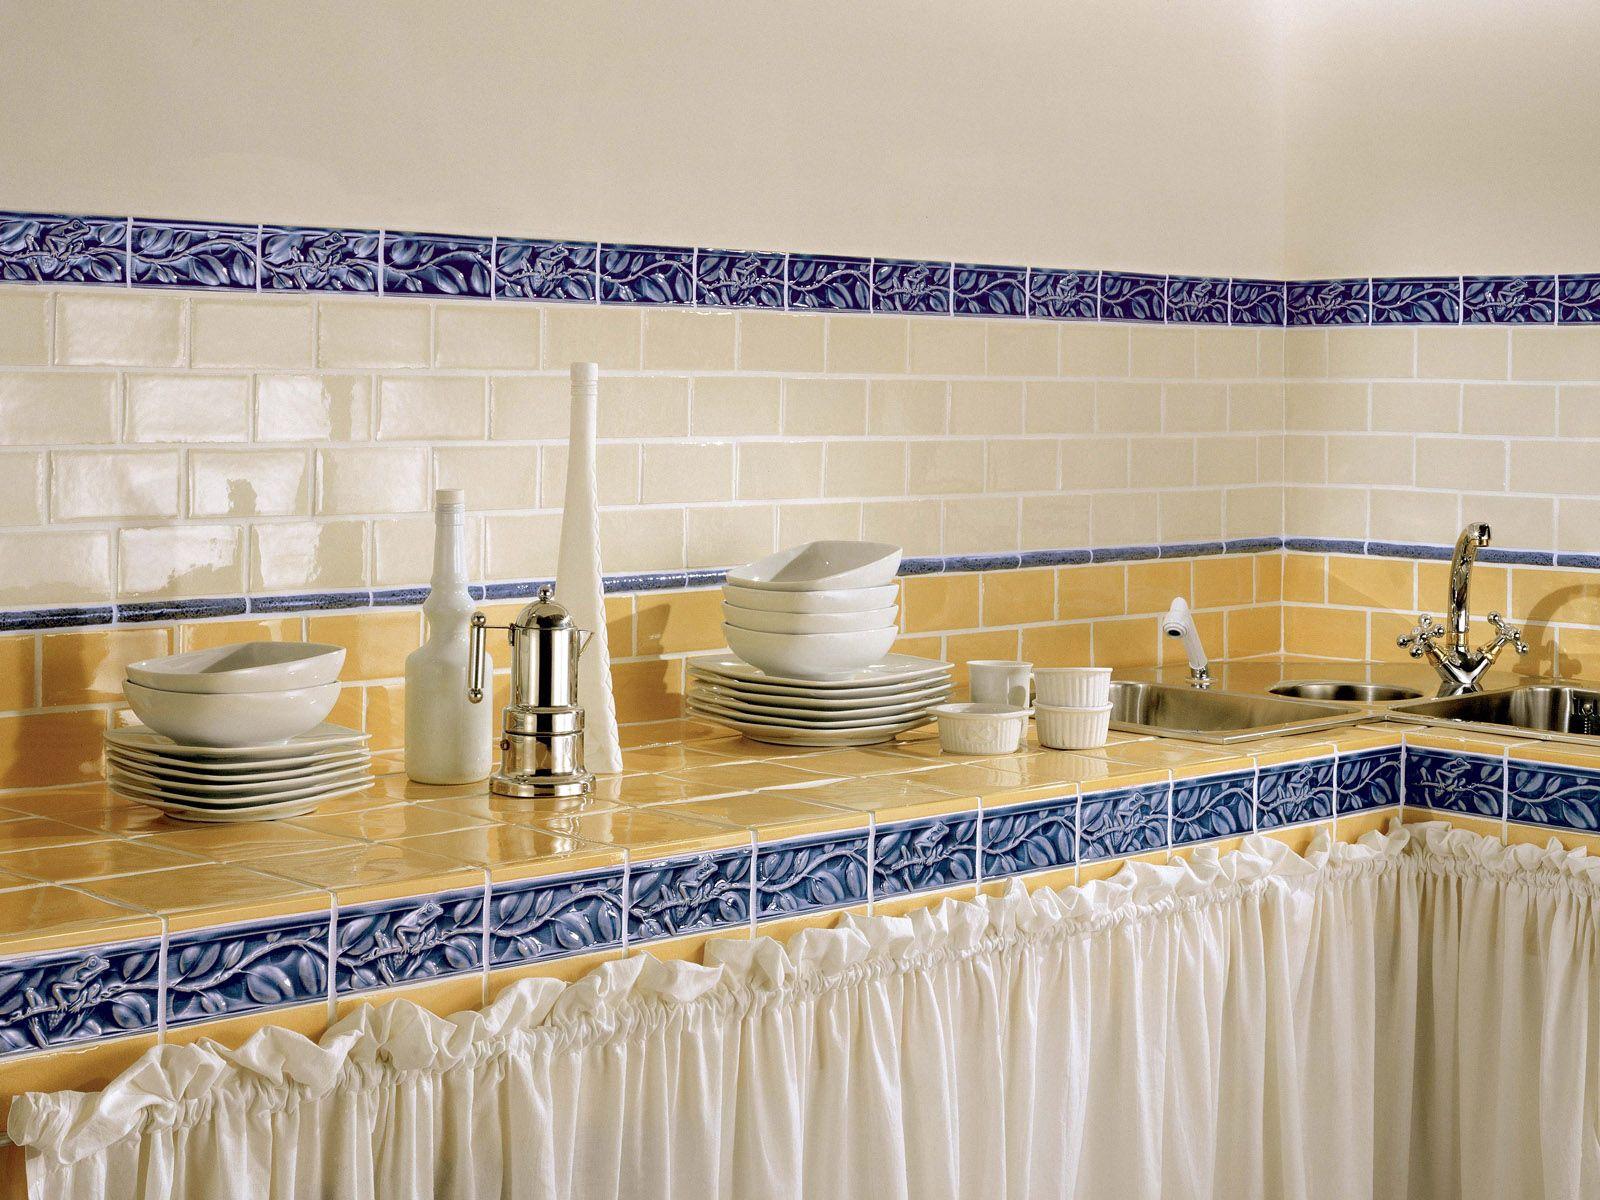 65013 скачать обои Посуда, Разное, Стиль, Кафель - заставки и картинки бесплатно